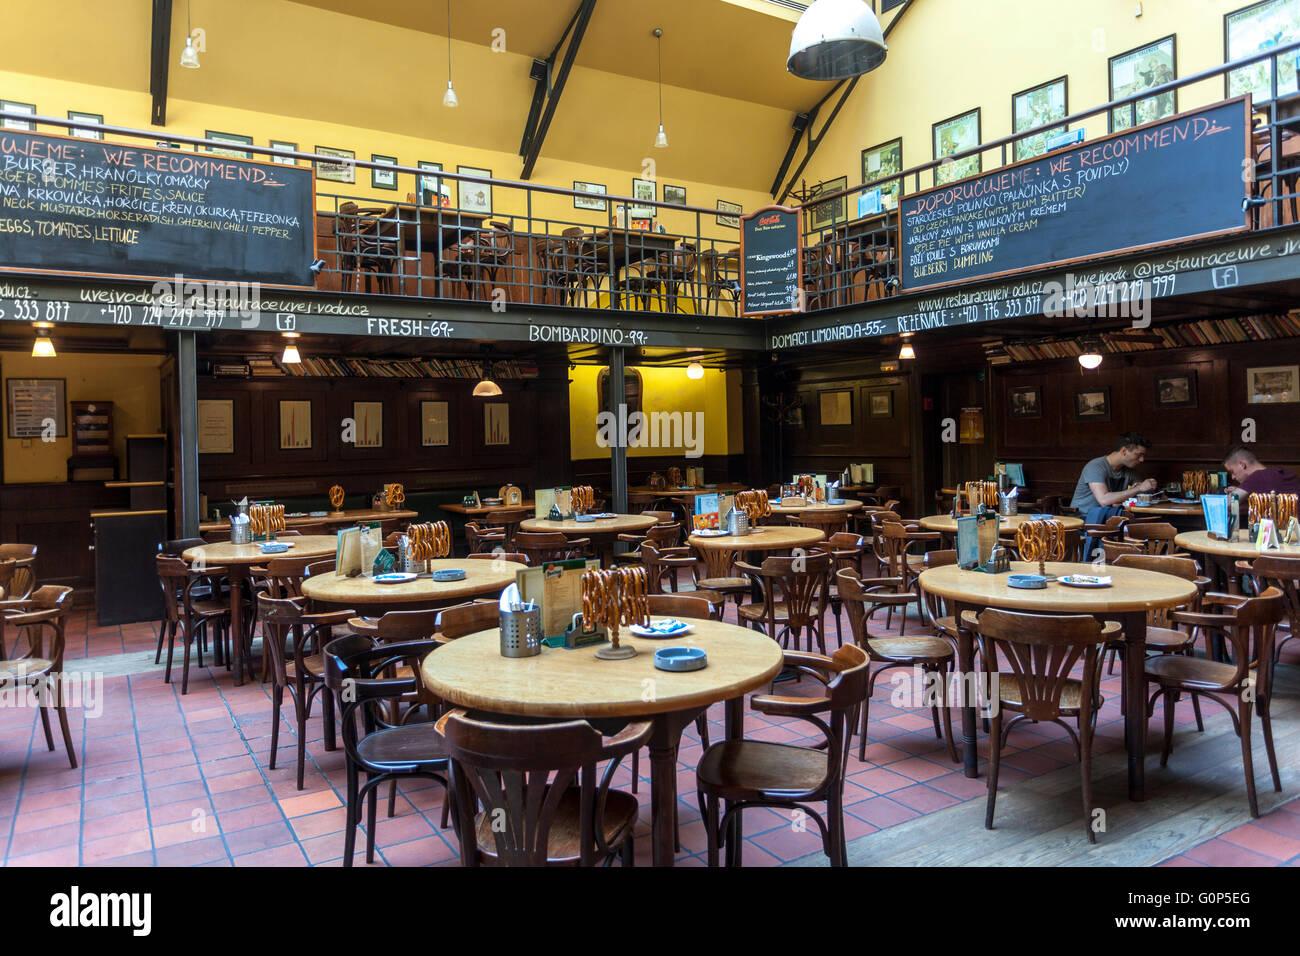 Old Pub Interior Stock Photos & Old Pub Interior Stock ...